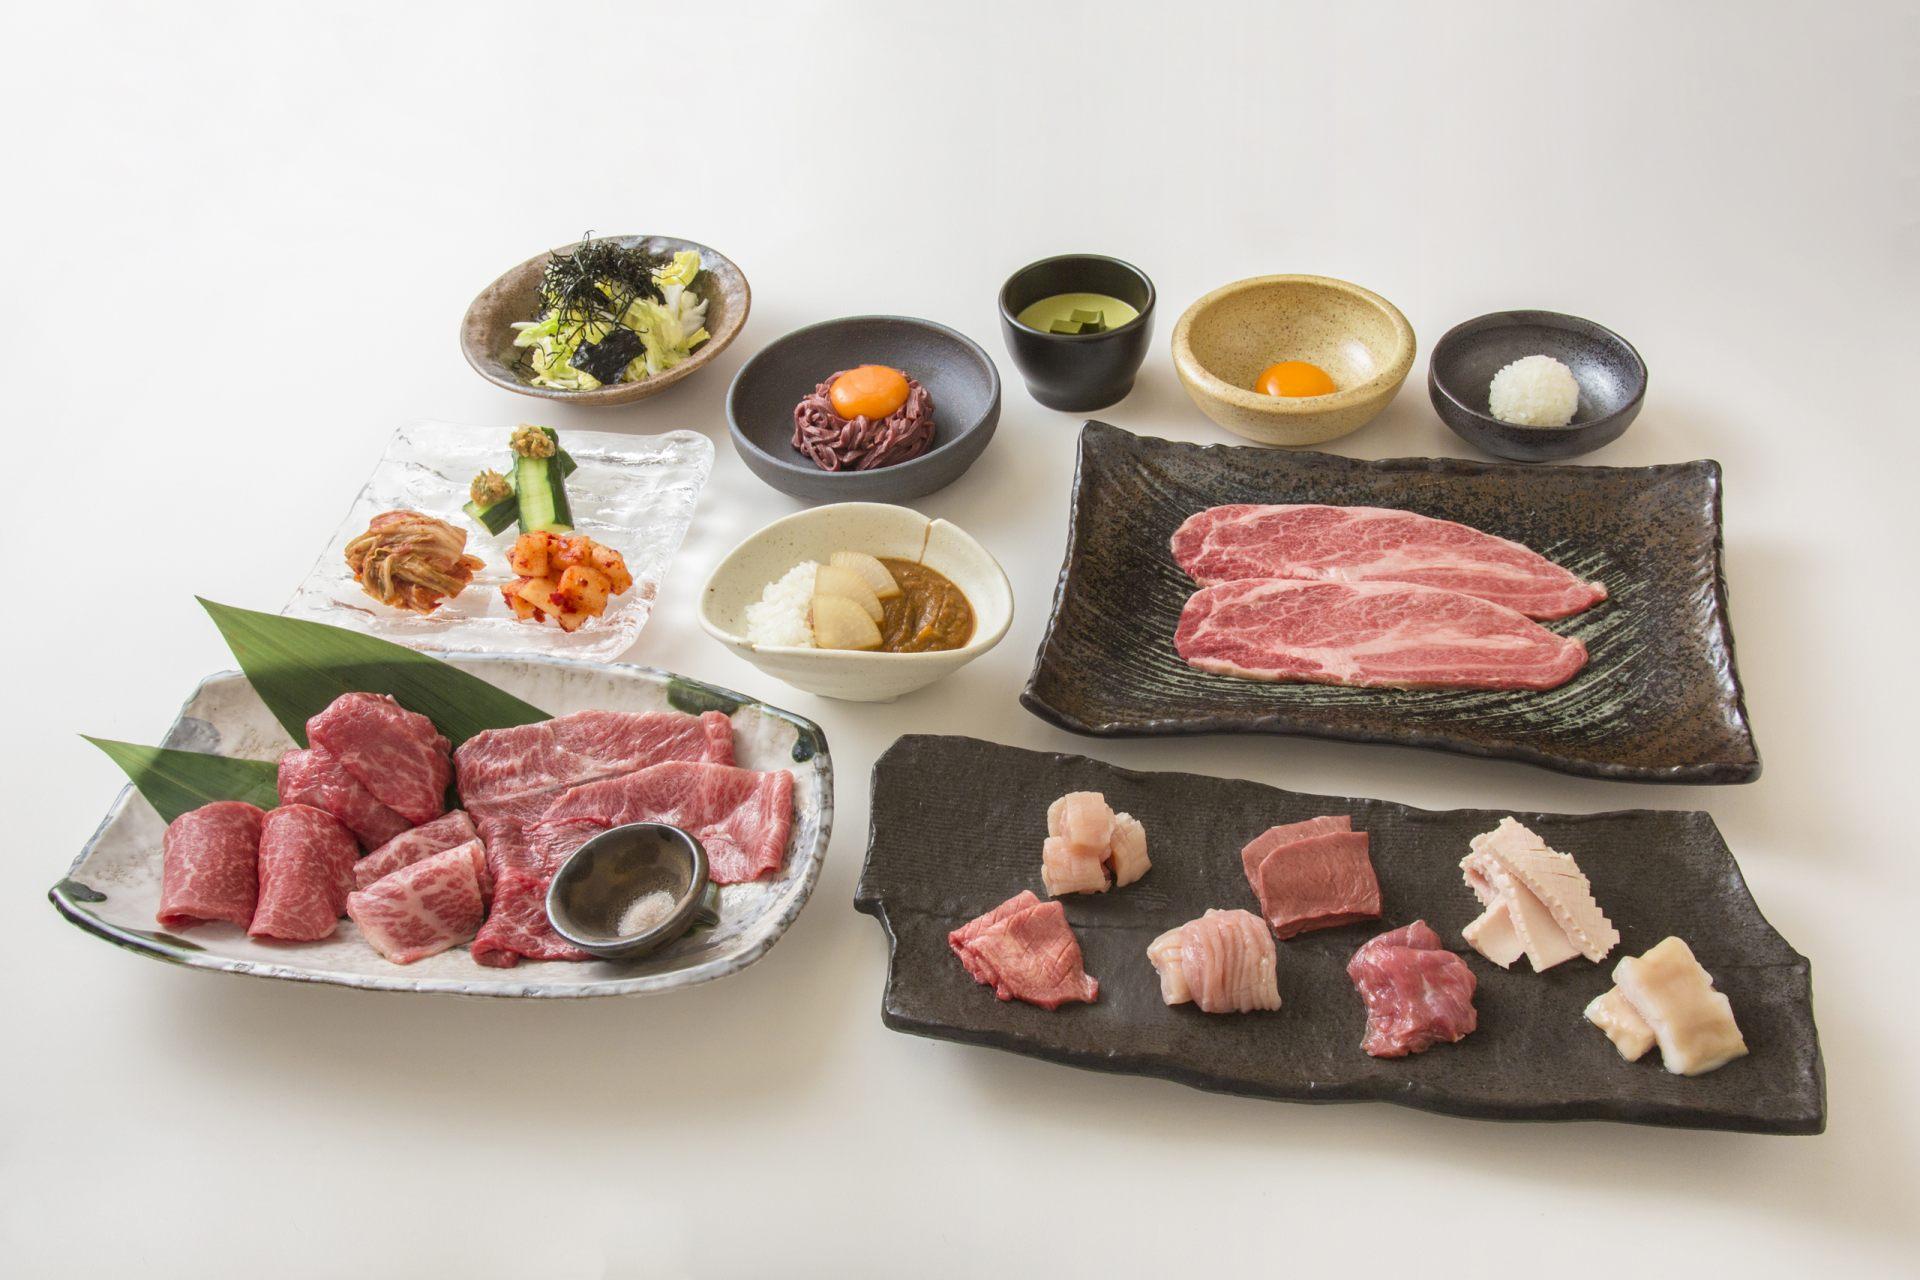 A5黑毛和牛套餐(2人份/ 4000日圆)